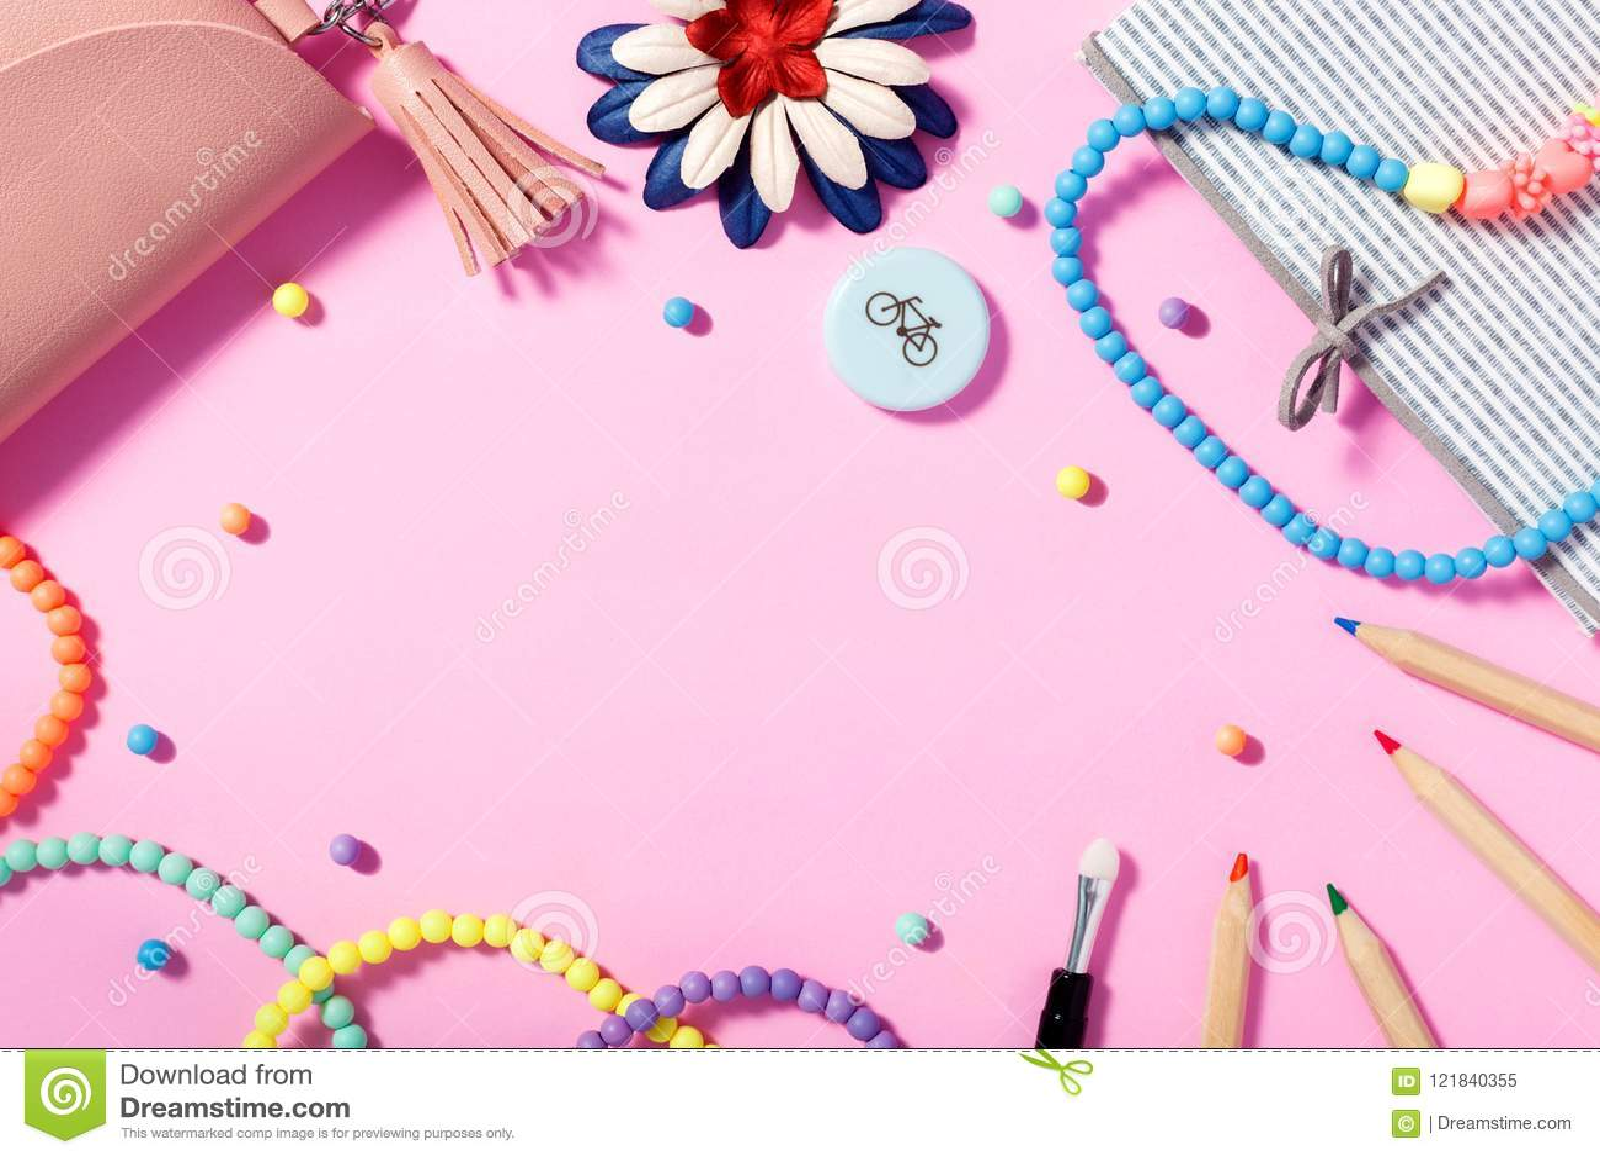 Vlak leg van vrouwen` s levensstijl, toebehoren en schoonheidsmiddelen met roze achtergrond